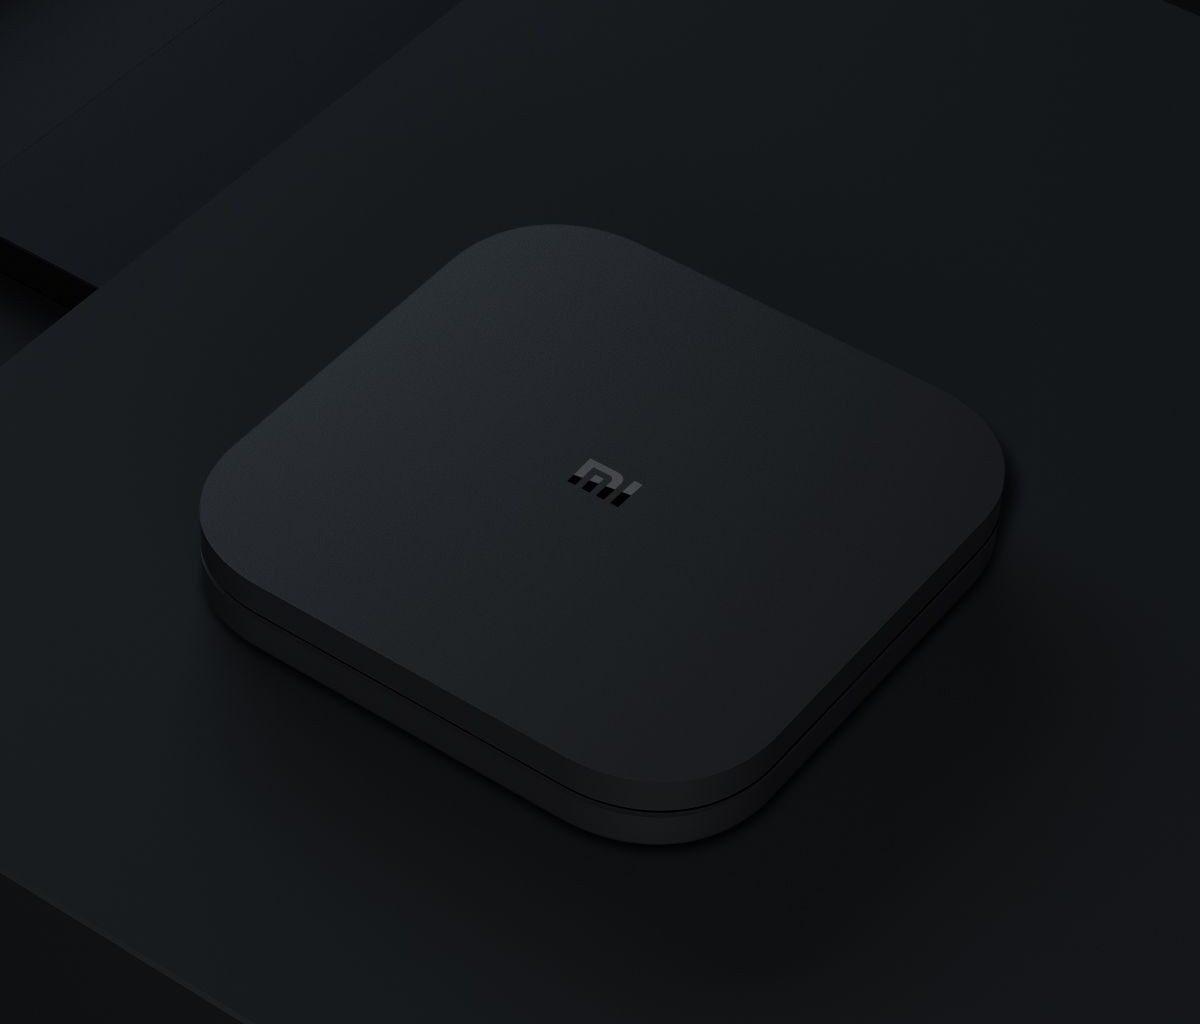 Le top des BOX TV pour rendre votre TV intelligente en 2021